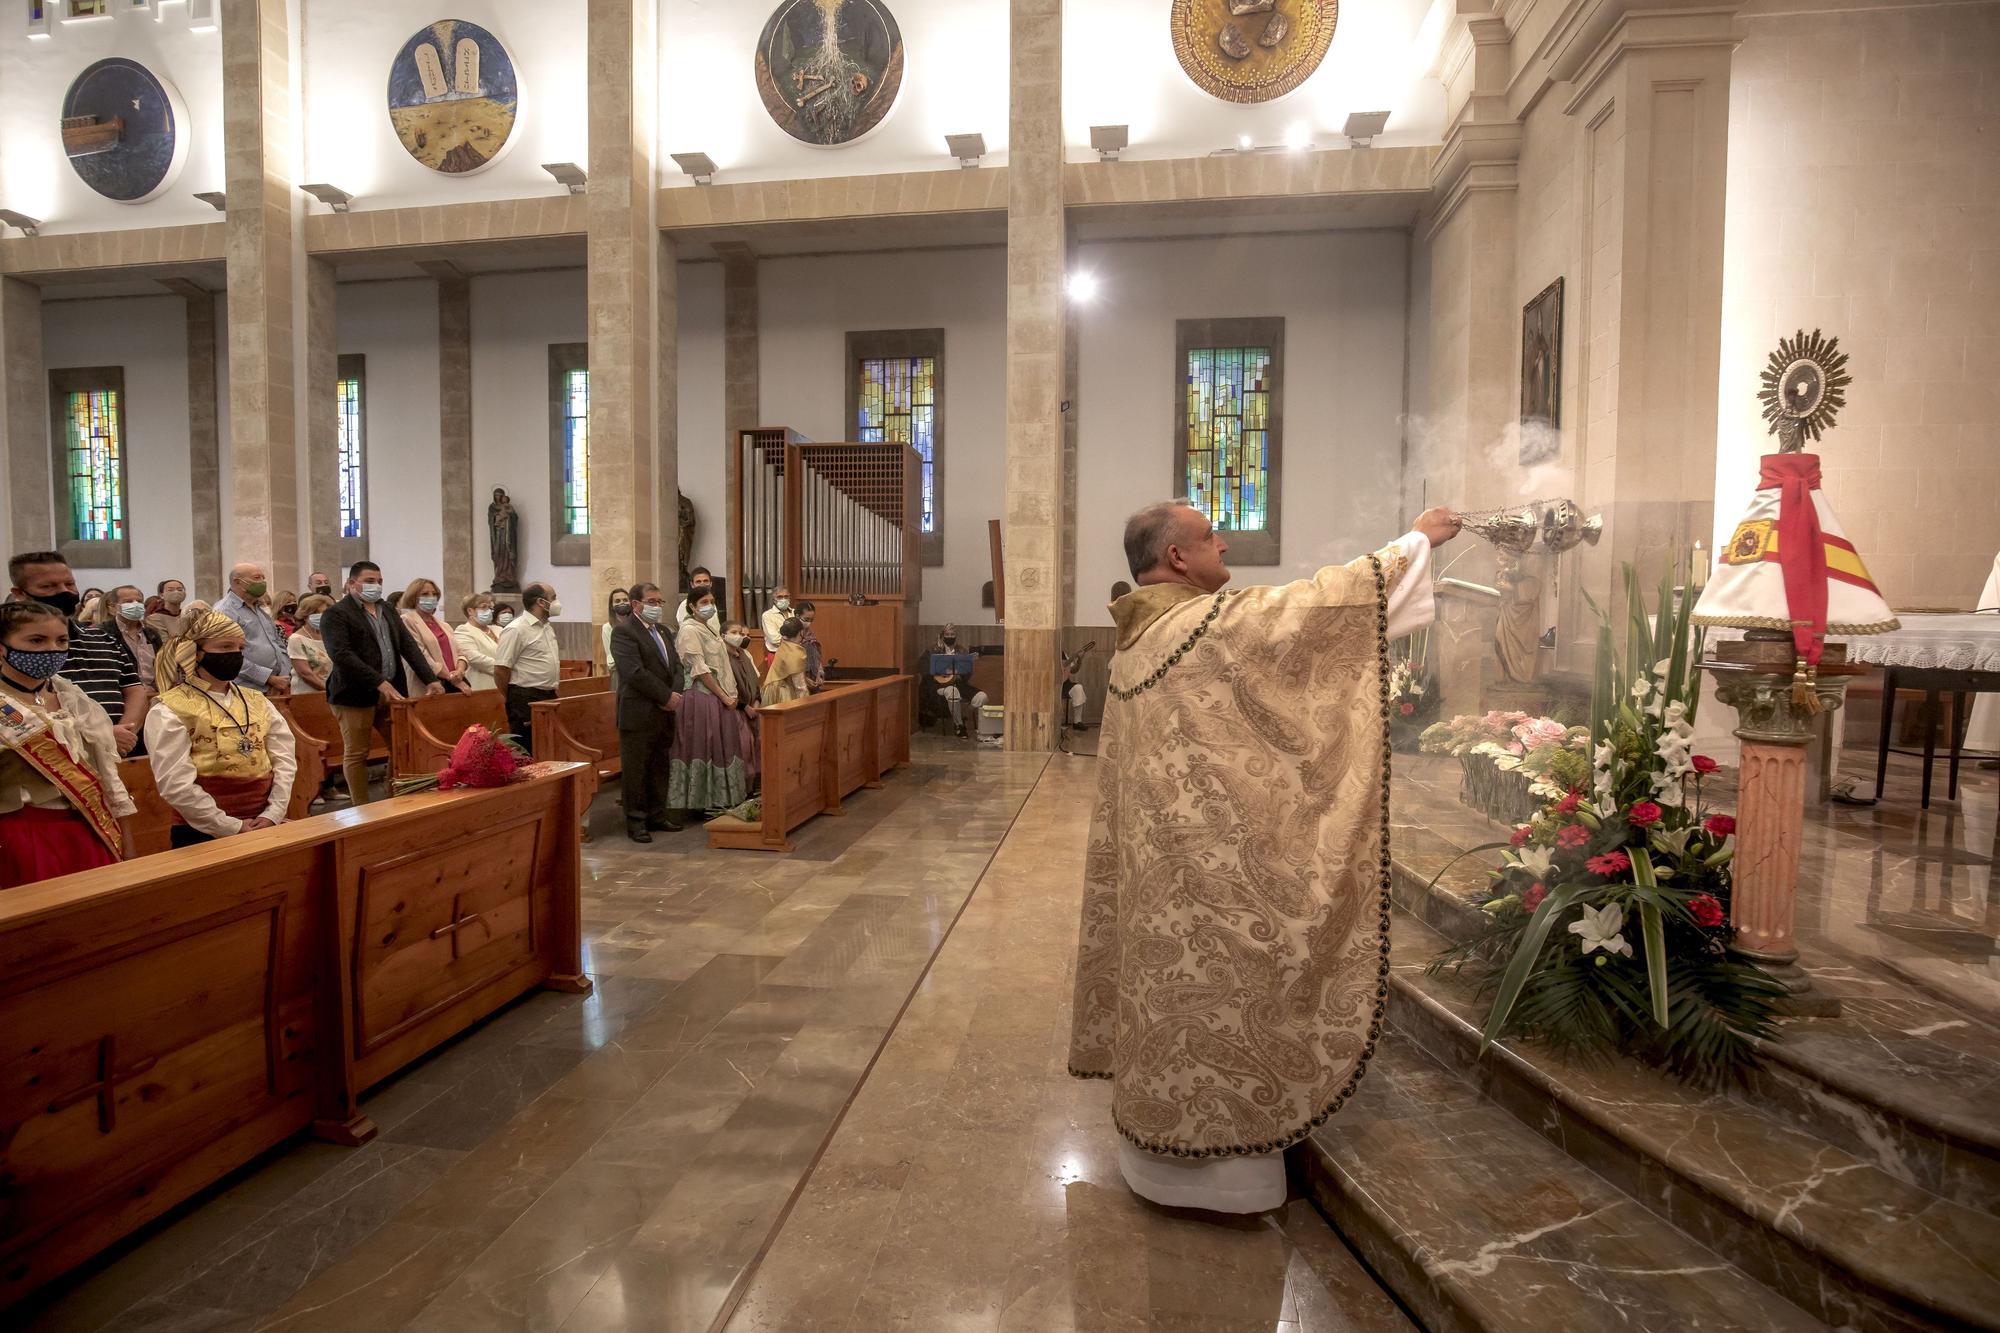 El Centro Aragonés de Mallorca celebra el Día del Pilar con una misa y una ofrenda de flores